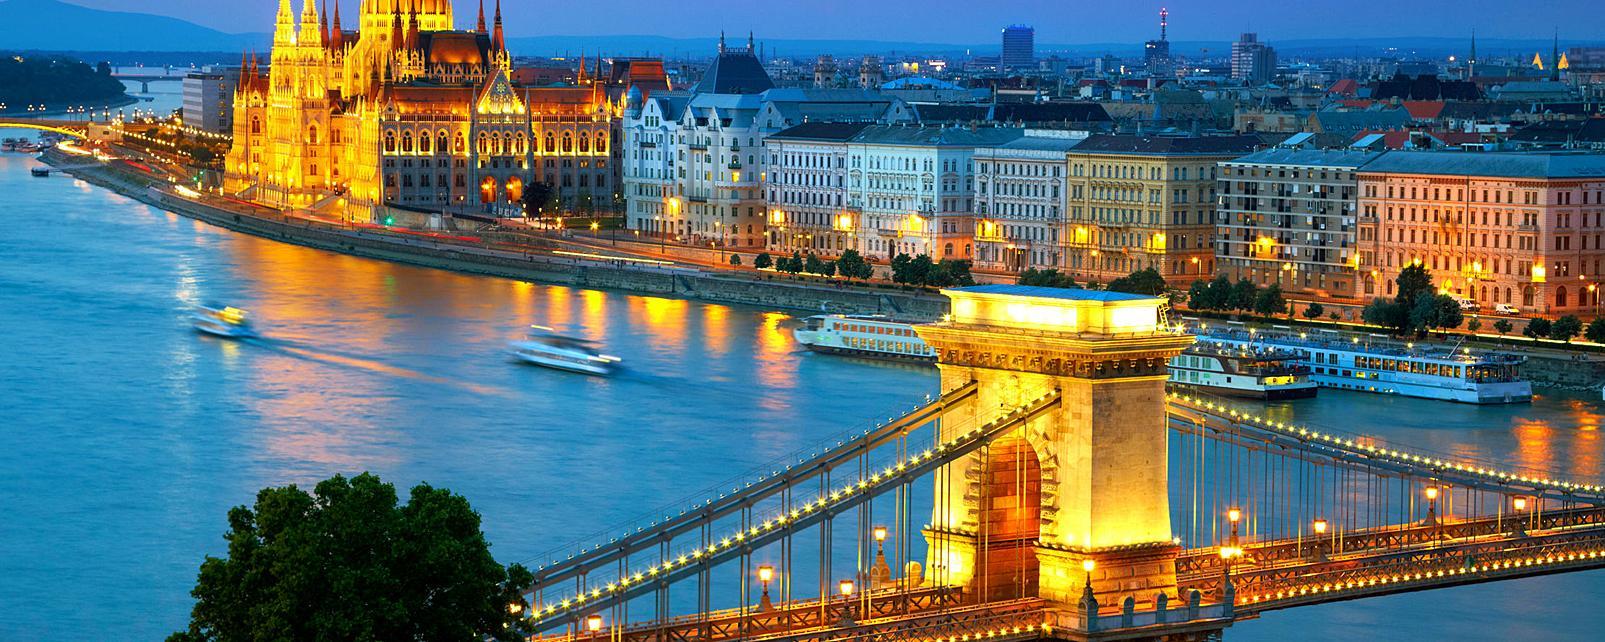 Aeroporto Ungheria : Voli ungheria trova con easyviaggio low cost